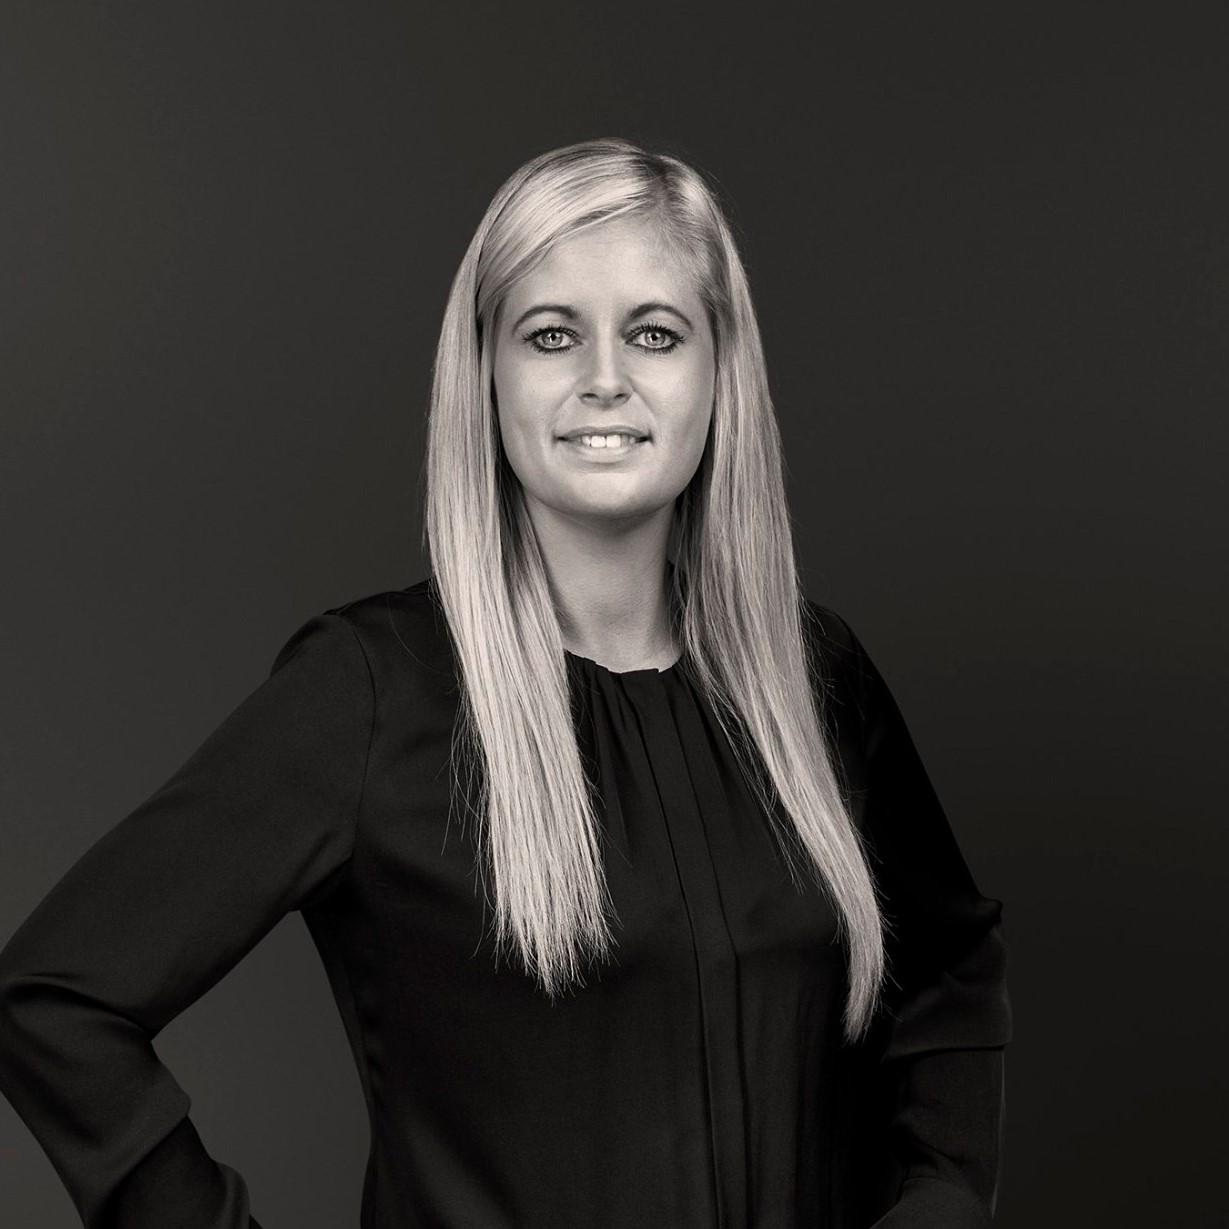 Pernille Christensen